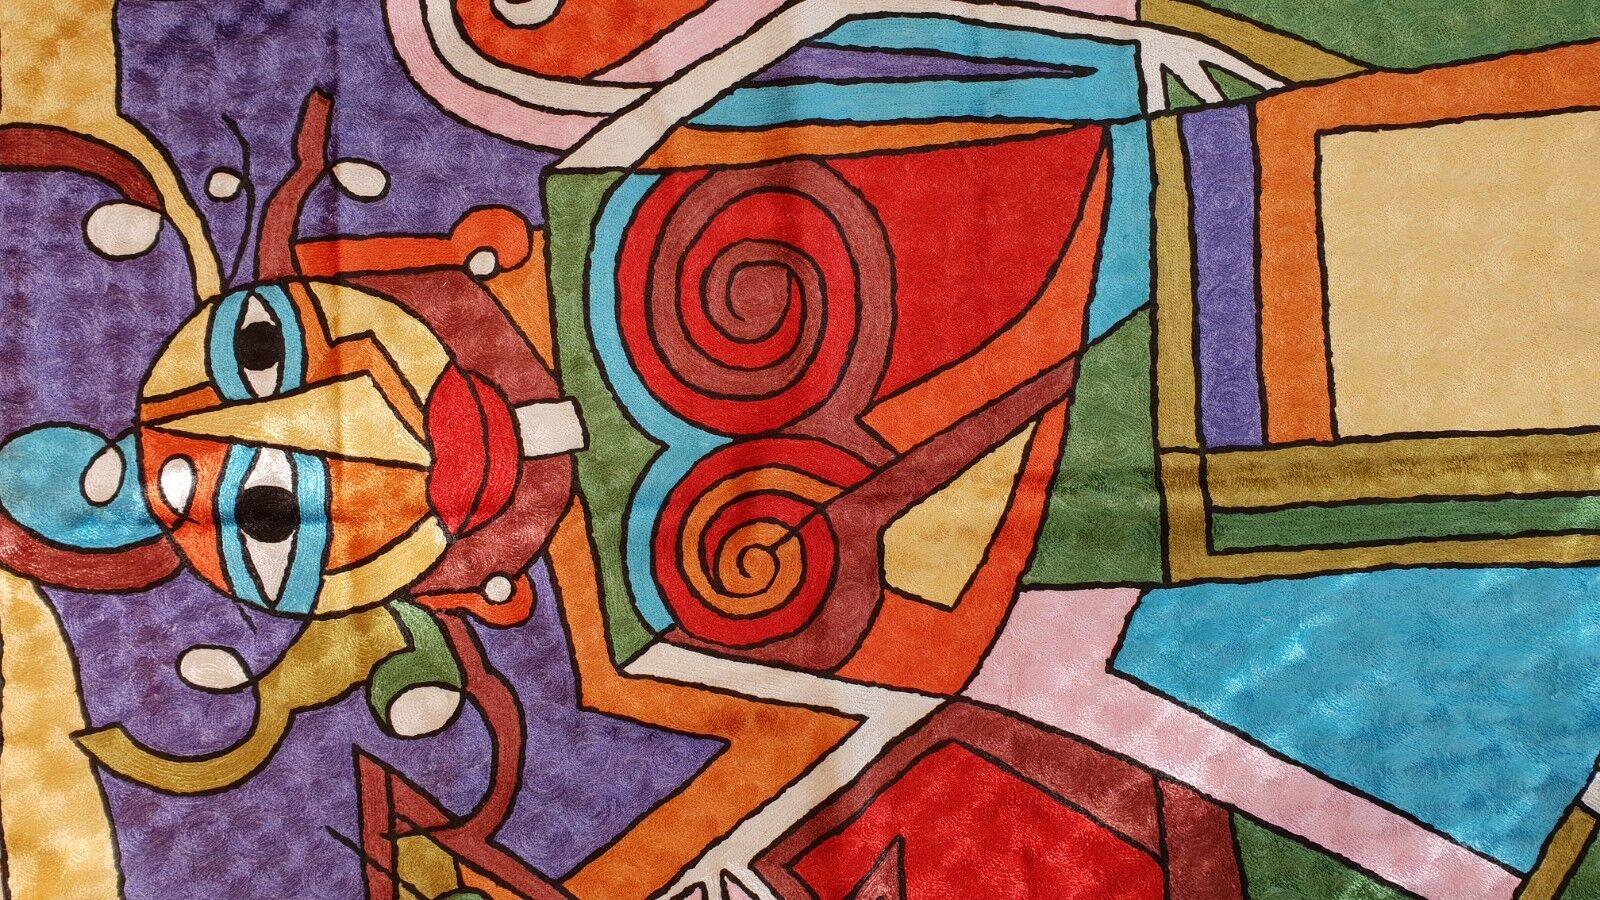 Silk Tapis de cachemire Abstrait Picasso Femme Design 3' x x 3' 5' d2e40f